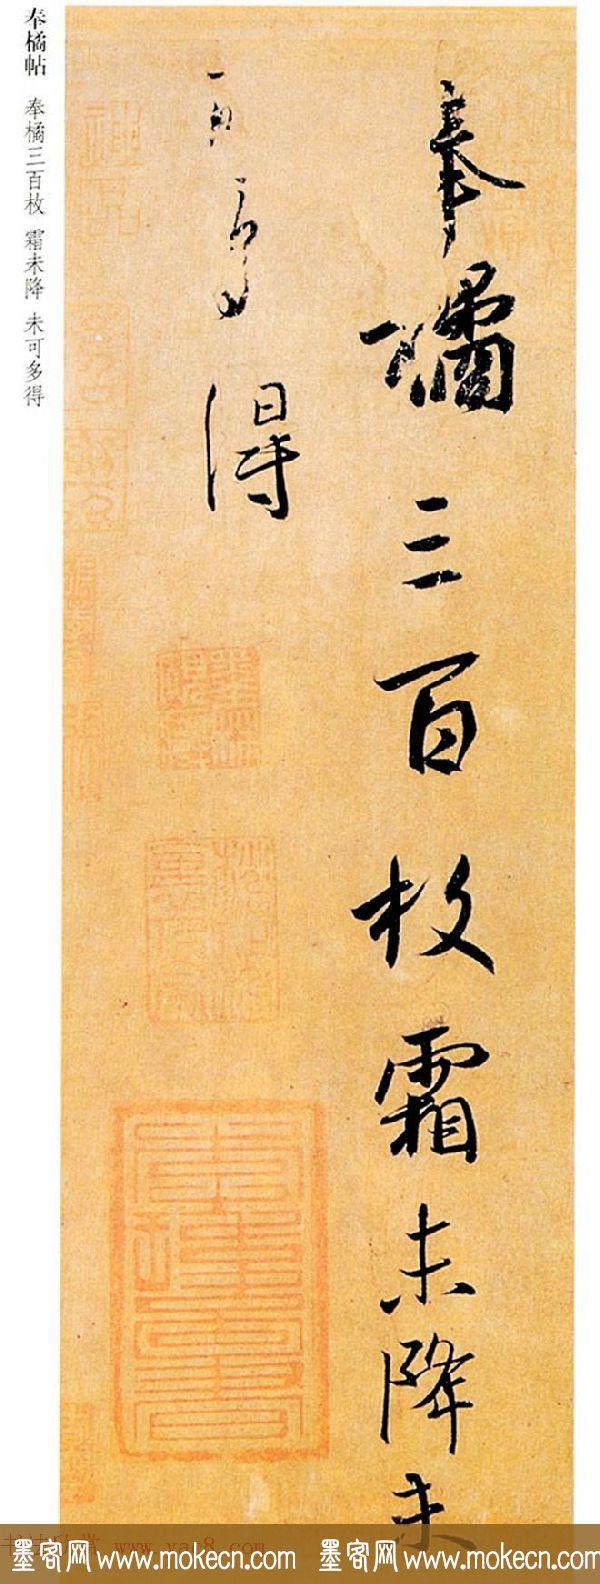 王羲之行书尺牍欣赏《奉橘帖》两种